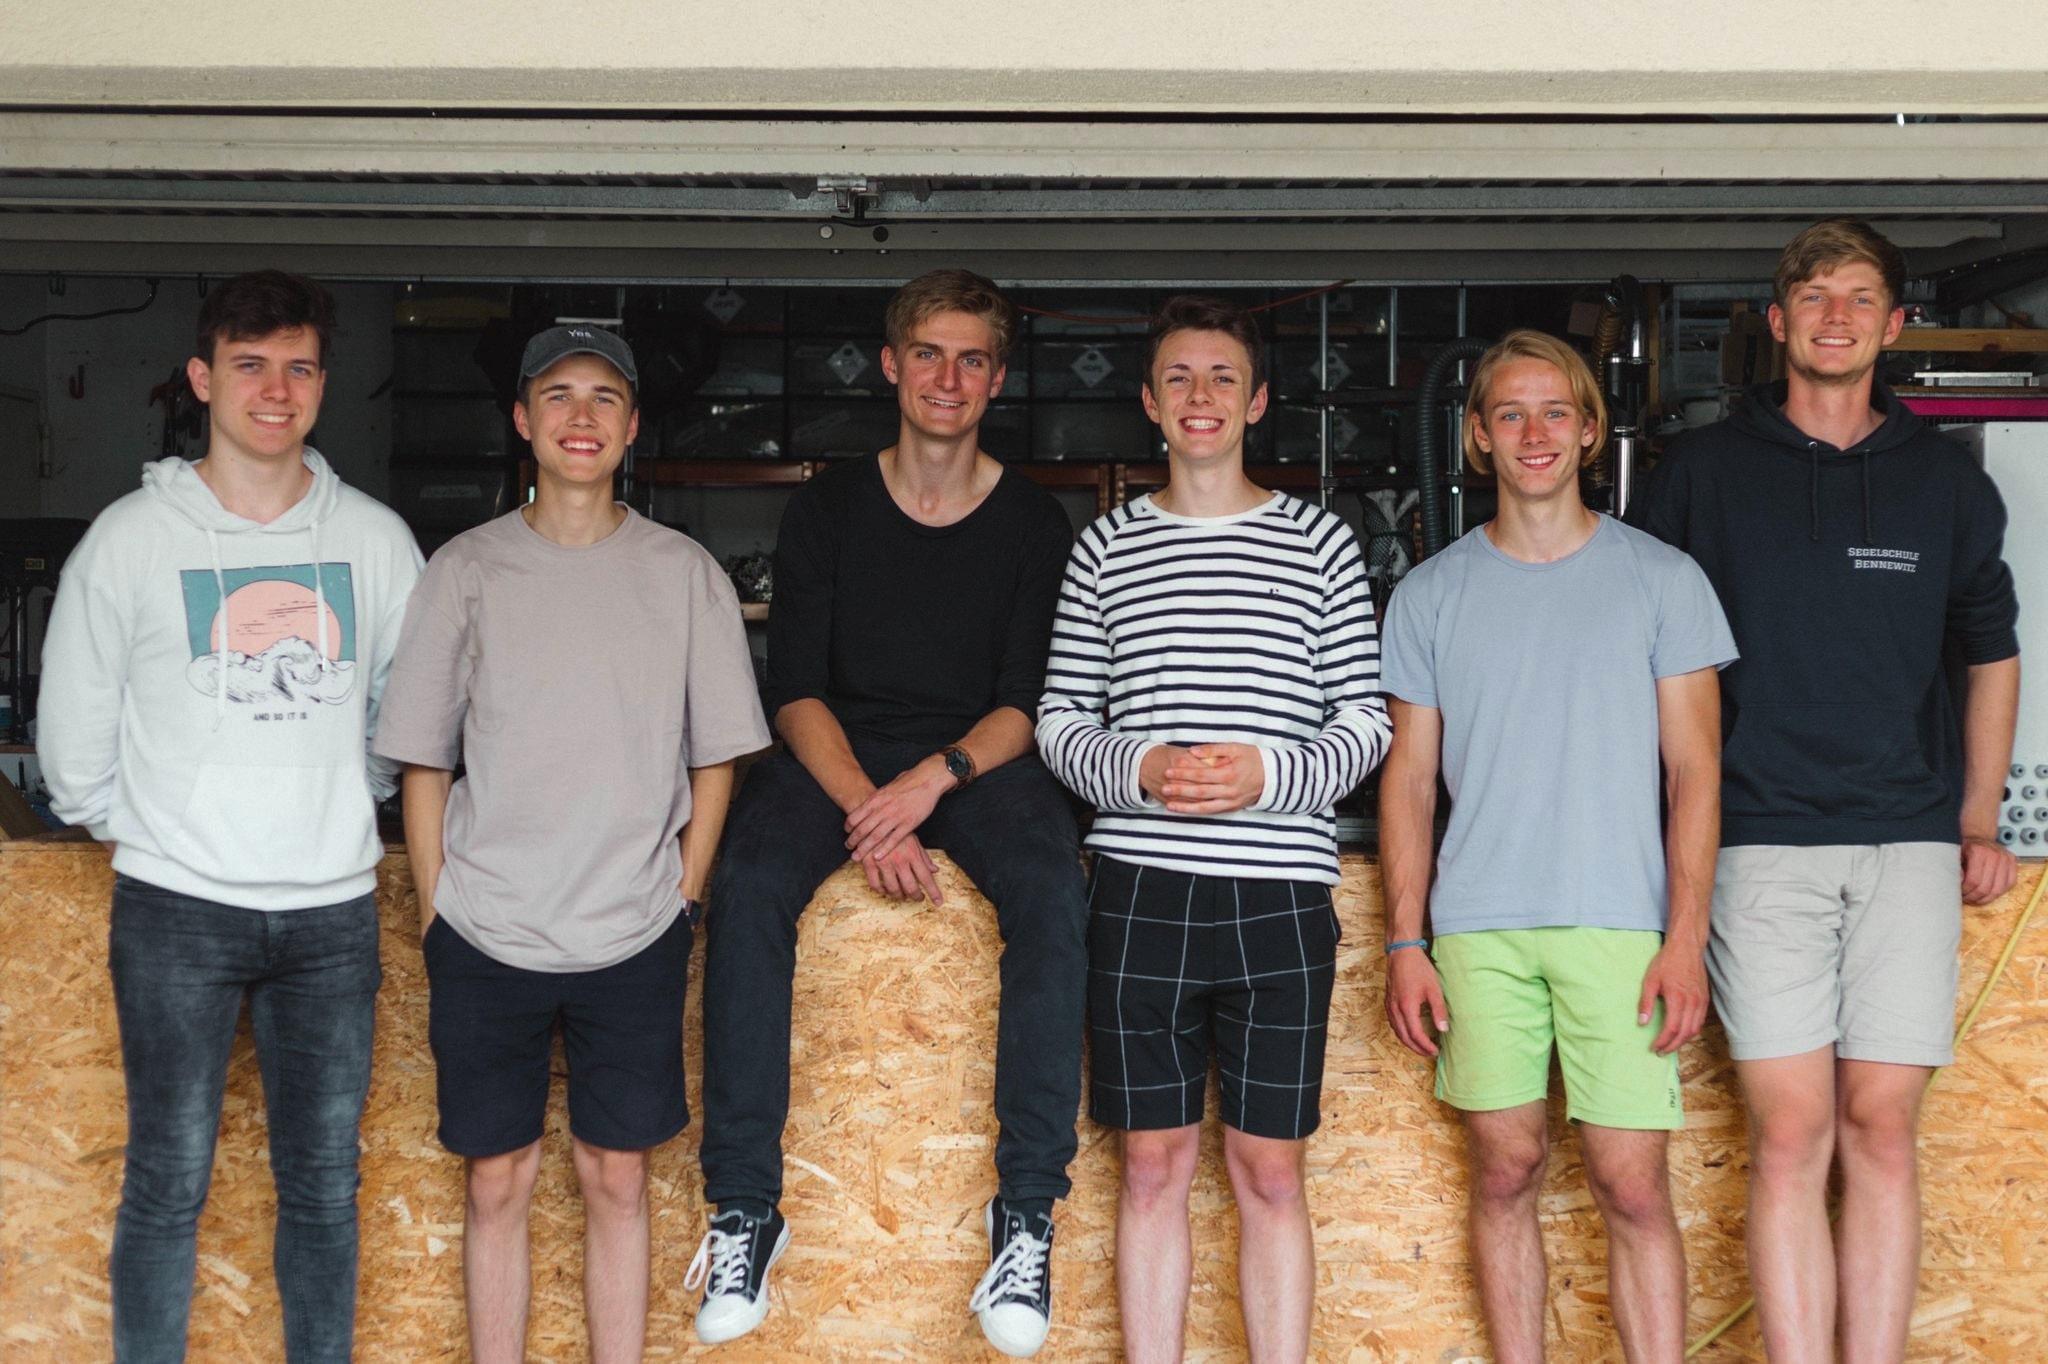 QiTech Industries Teamfoto - Milan von dem Bussche, Noel Lieder, Christoph Eisenach, Malte Ernst und Claas Vietor